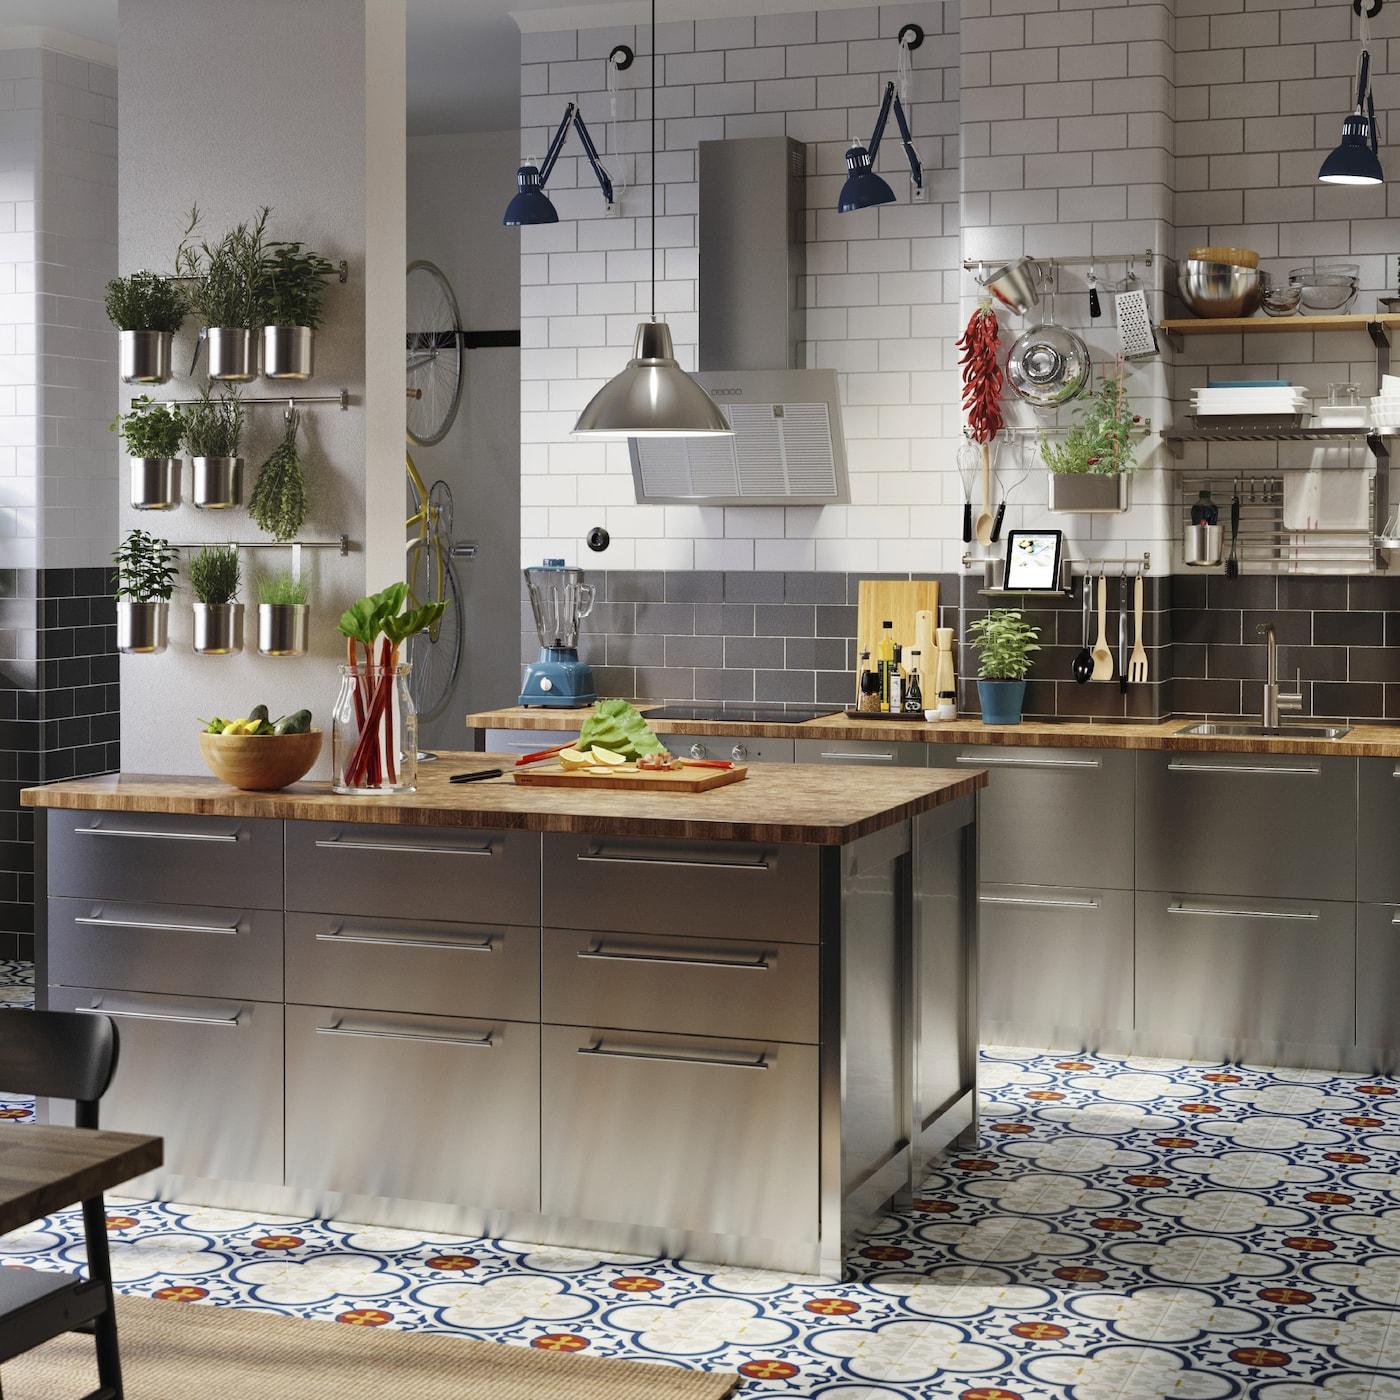 Uma cozinha espaçosa com frentes de gaveta em aço inoxidável, bancadas em chapa de carvalho, candeeiros de secretária industriais em azul e ervas aromáticas em recipientes.